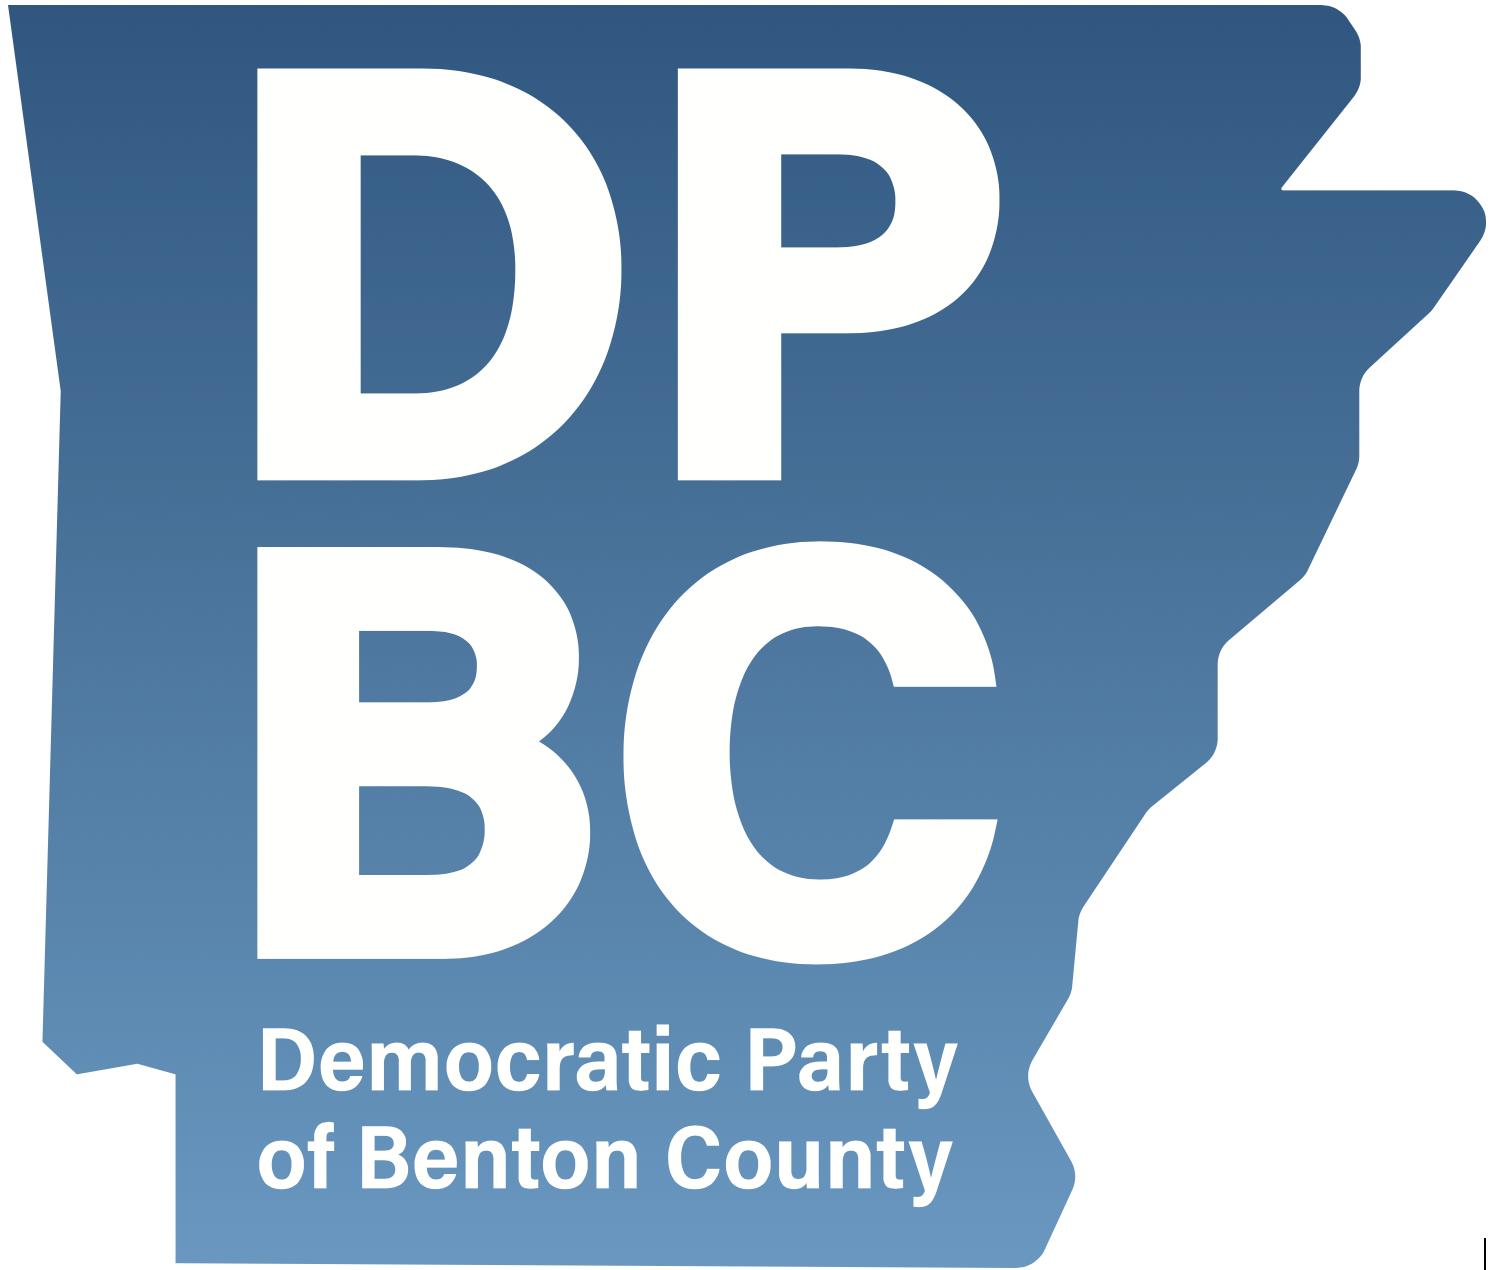 Democratic Party of Benton County (AR)